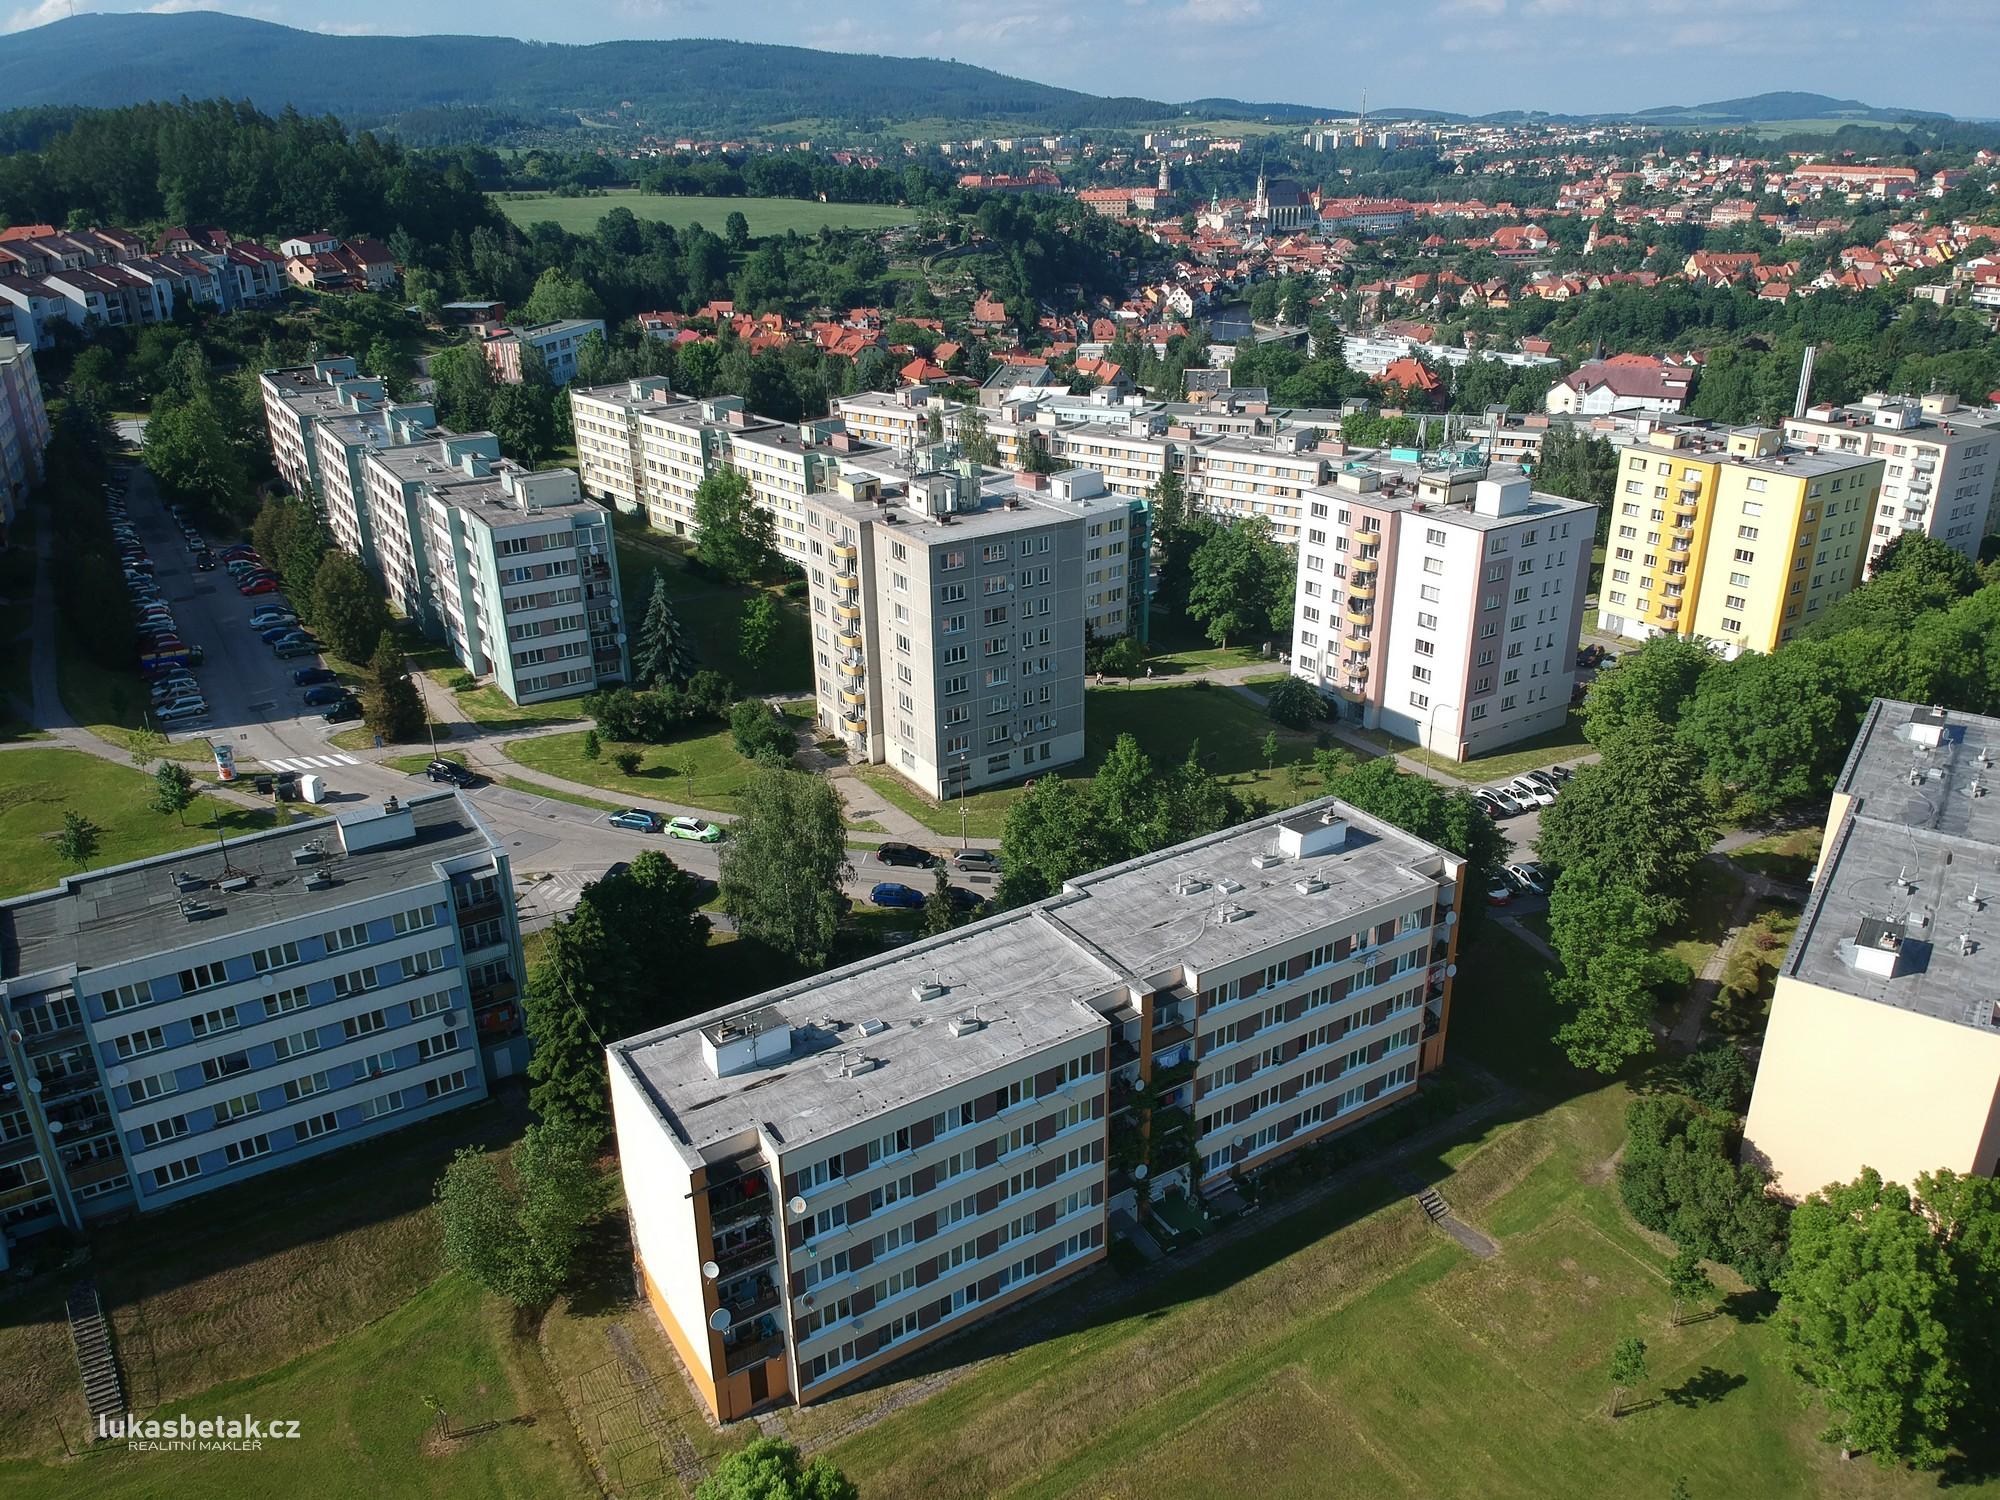 PRODÁNO – byt 1+1, Sídliště Plešivec č.p. 357, Český Krumlov